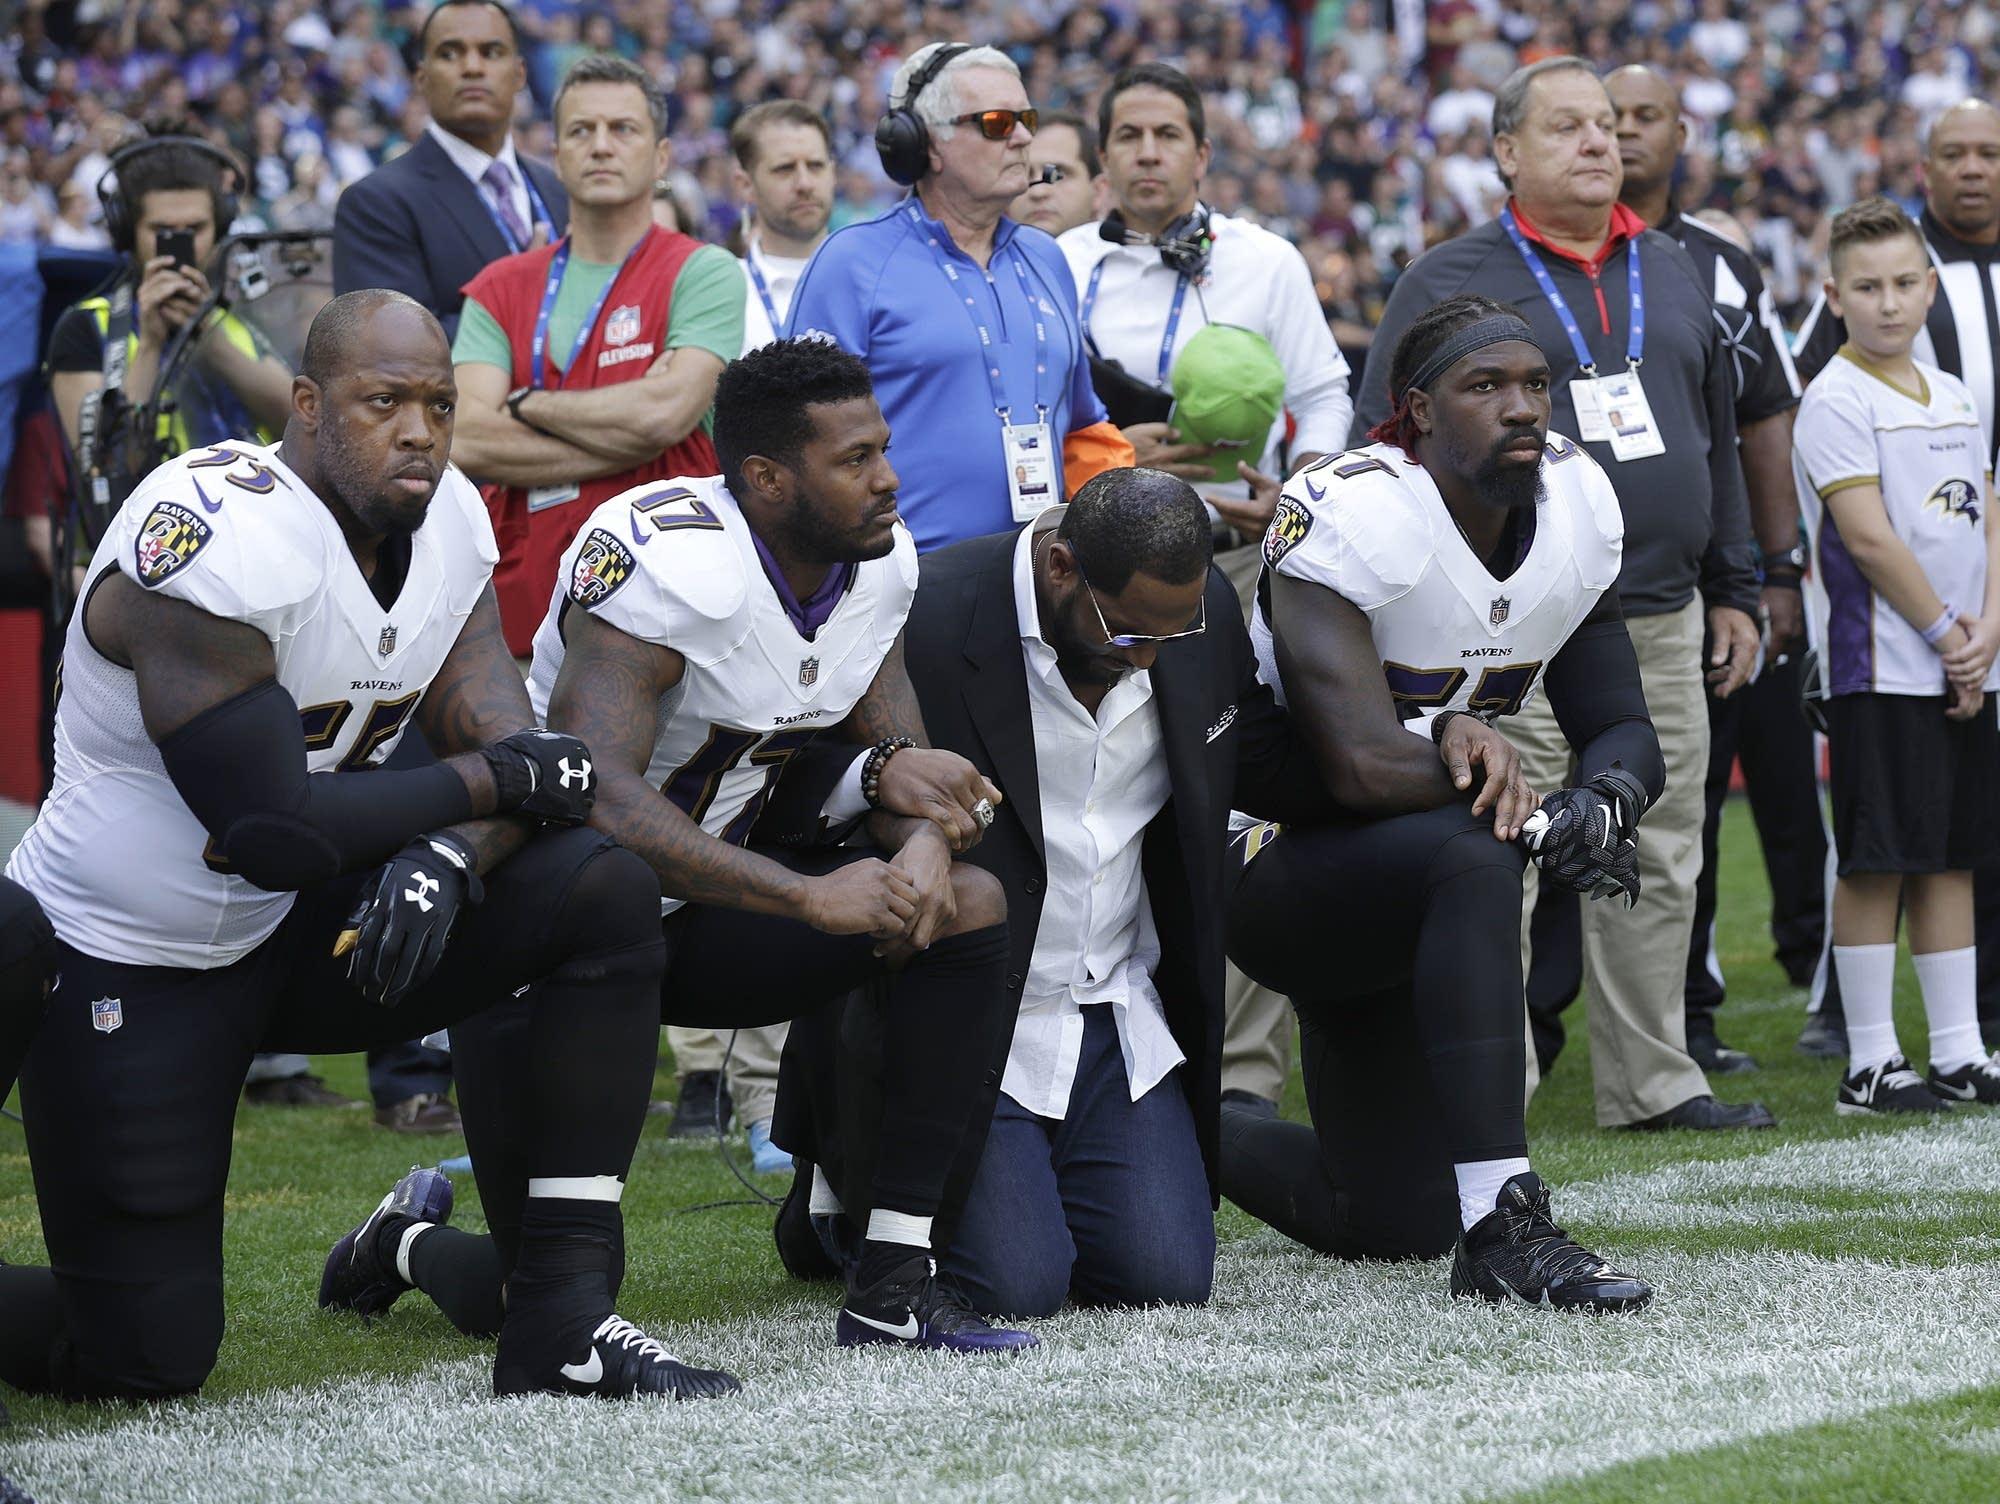 Baltimore Ravens players kneel down during anthem